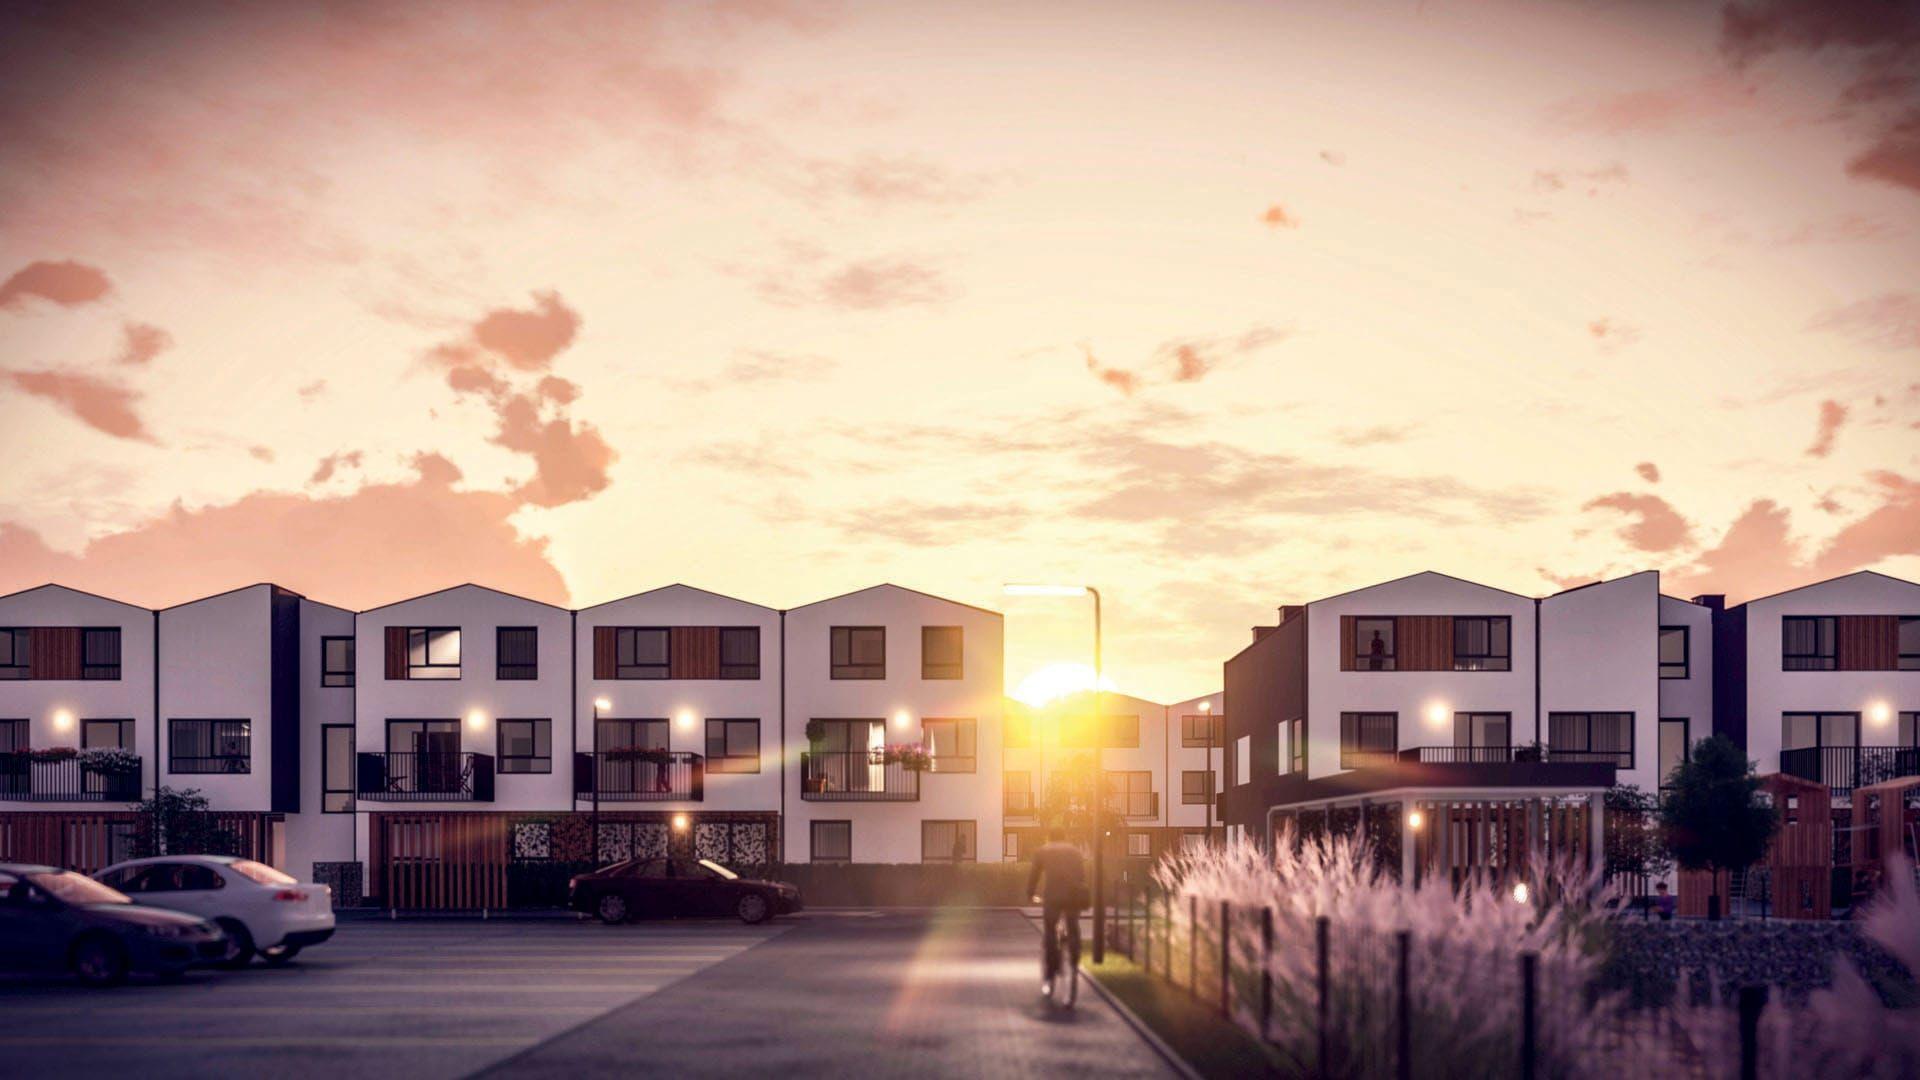 Warszawa: Orso – Bouygues Immobilier Polska zbuduje w Ursusie osiedle w stylu szeregówek